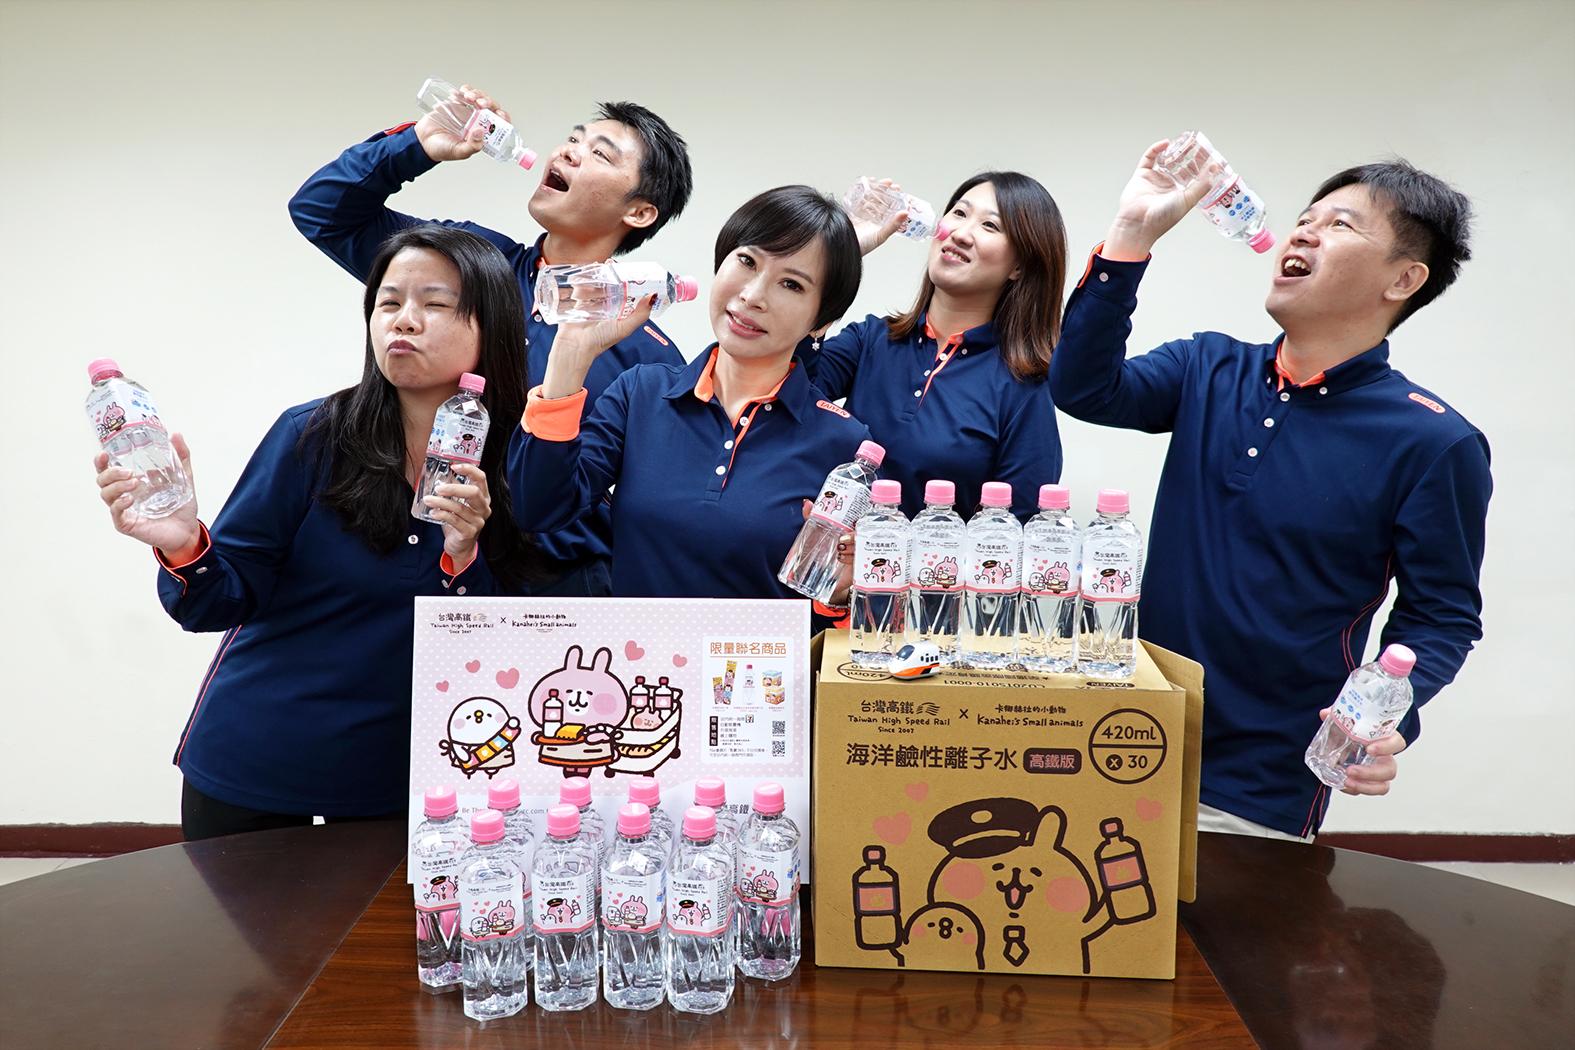 「台鹽海洋鹼性離子水」樹立台灣包裝水的品質新標竿!這次Q萌變身,格外引人矚目!